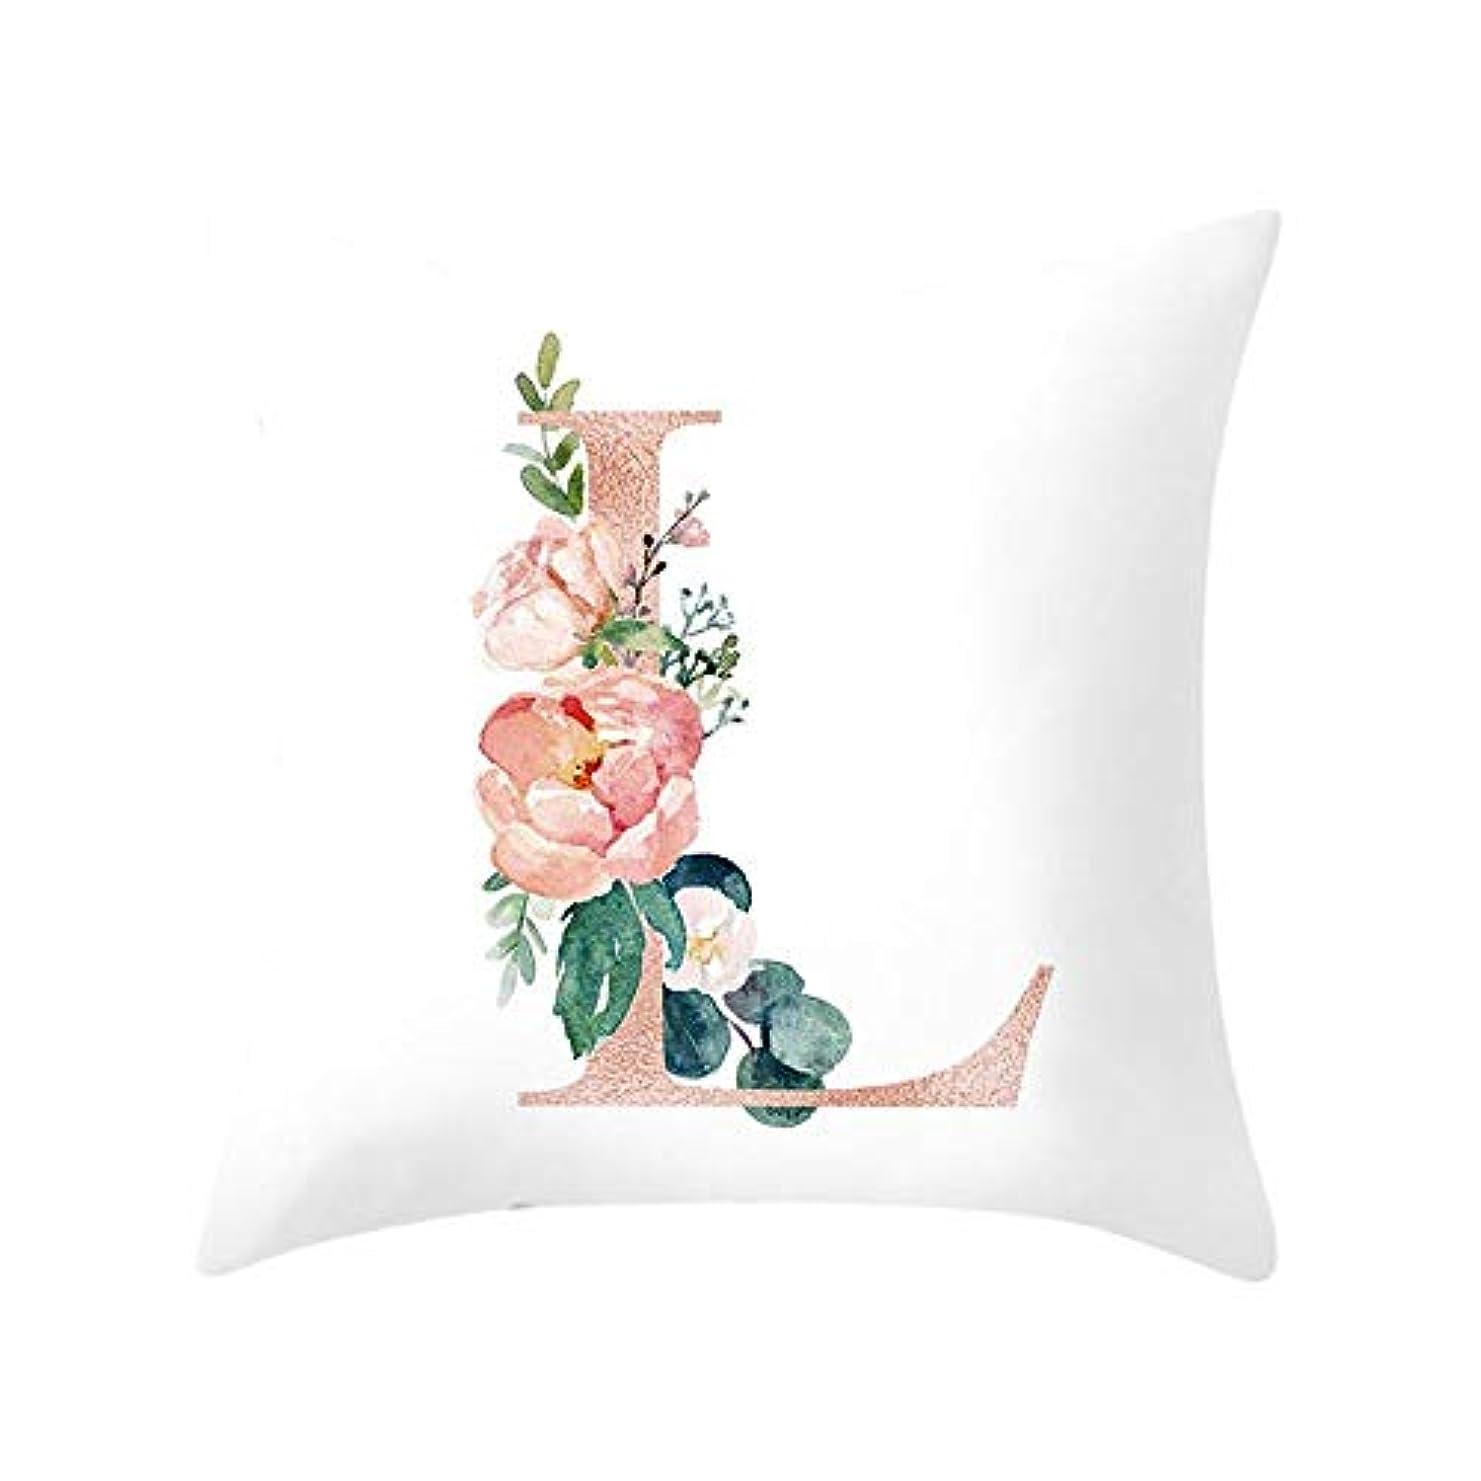 同種のスリル担当者LIFE 装飾クッションソファ手紙枕アルファベットクッション印刷ソファ家の装飾の花枕 coussin decoratif クッション 椅子